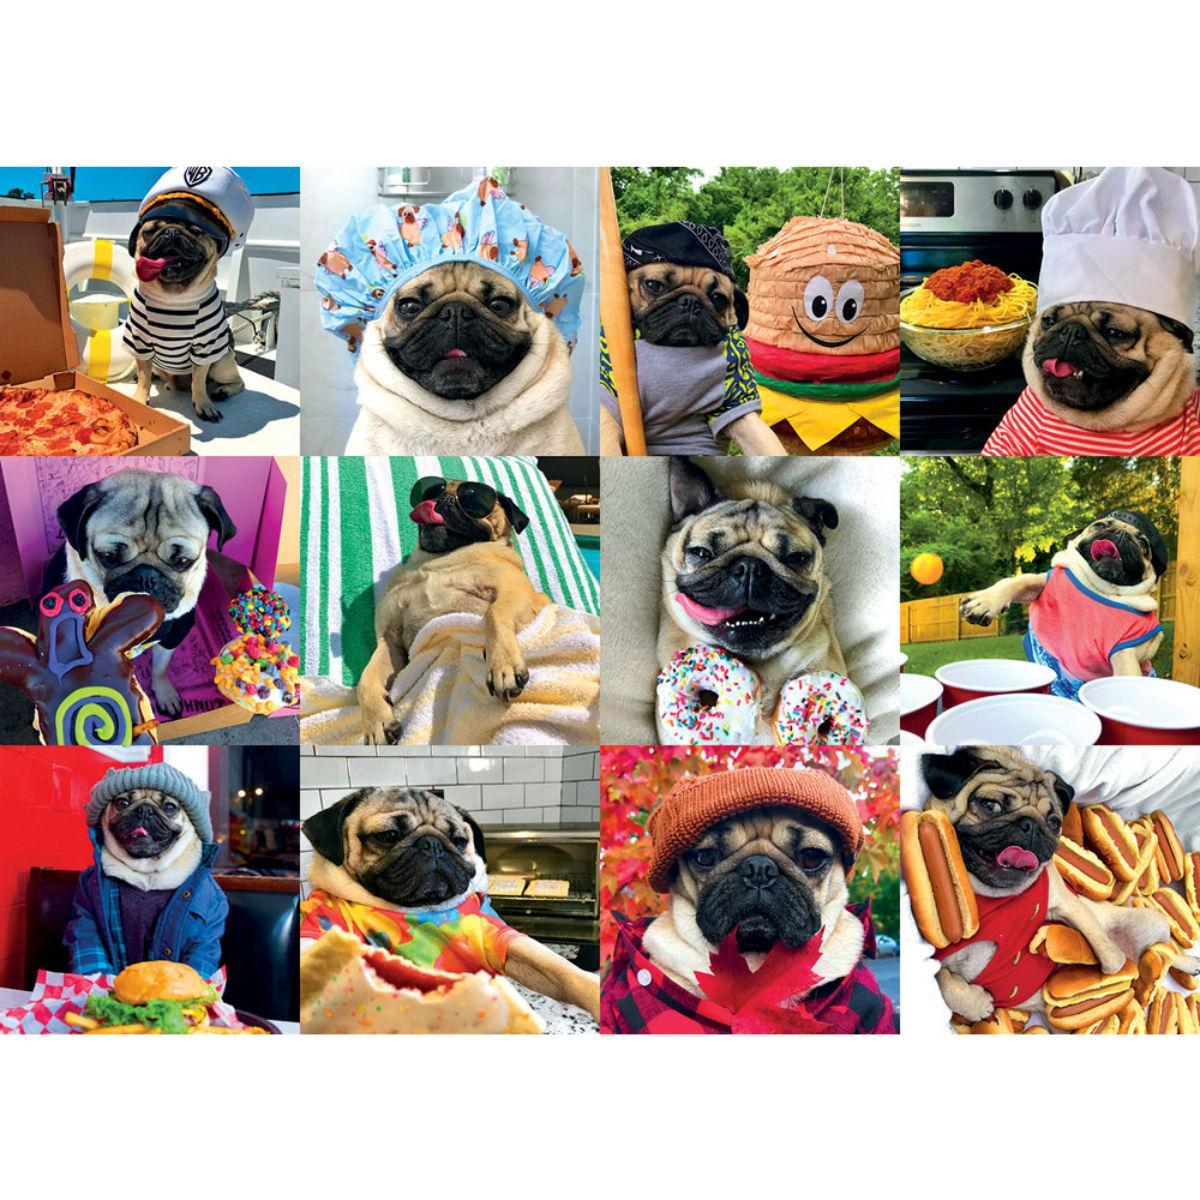 Doug the Pug Puzzle for Humans - Pug Life